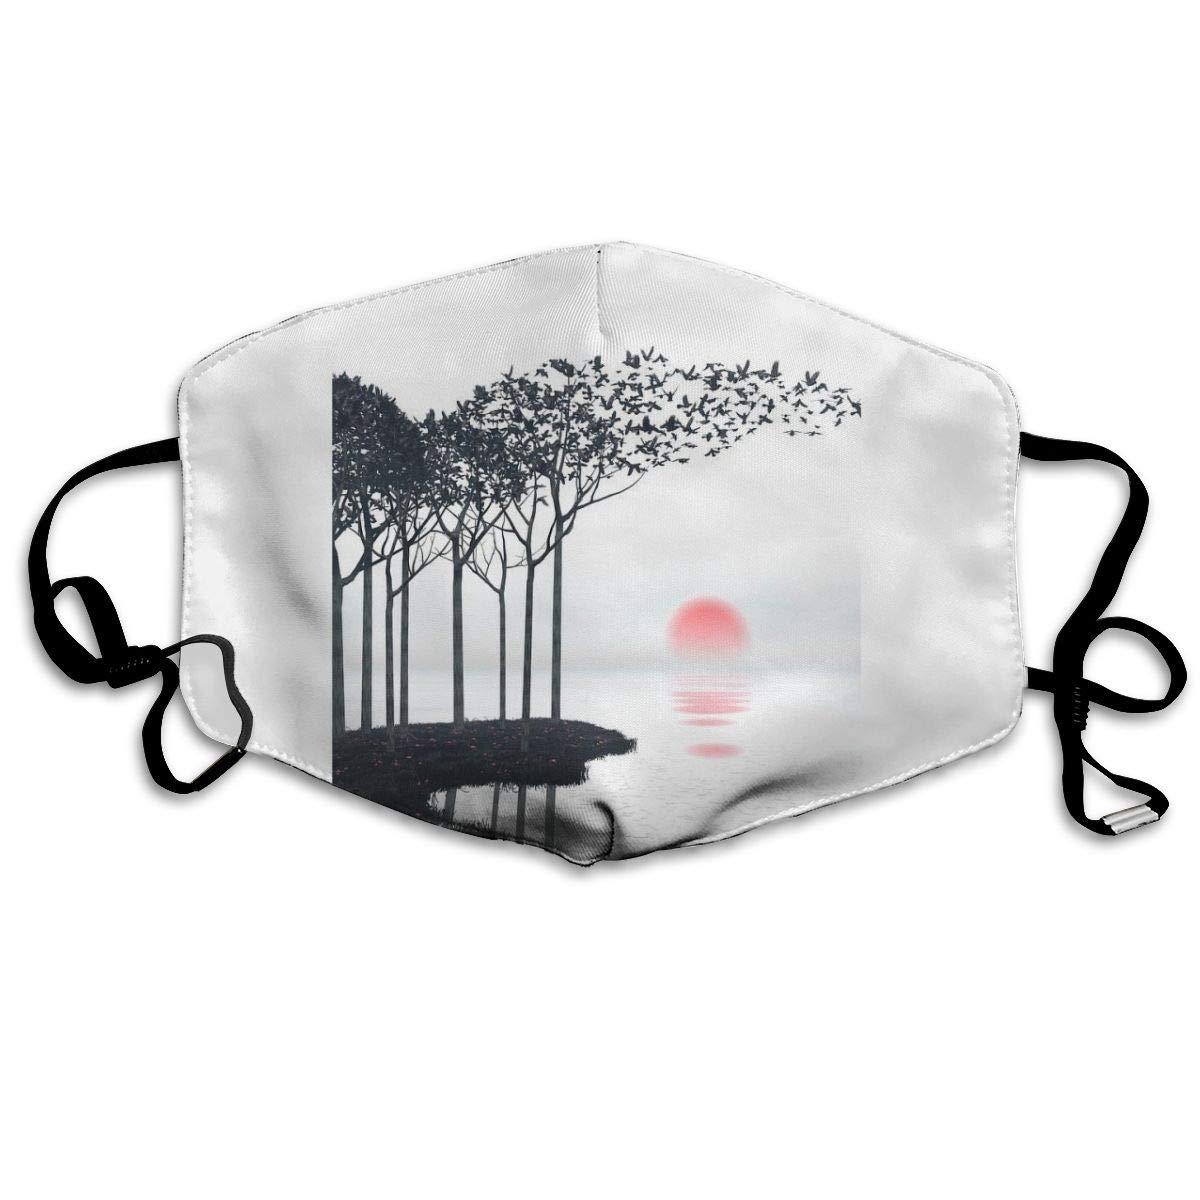 N/ AKI Art Print Máscara Lavable Boca Cubierta Resistente al Viento cálido Reutilizable, poliéster, Blanco, Talla única